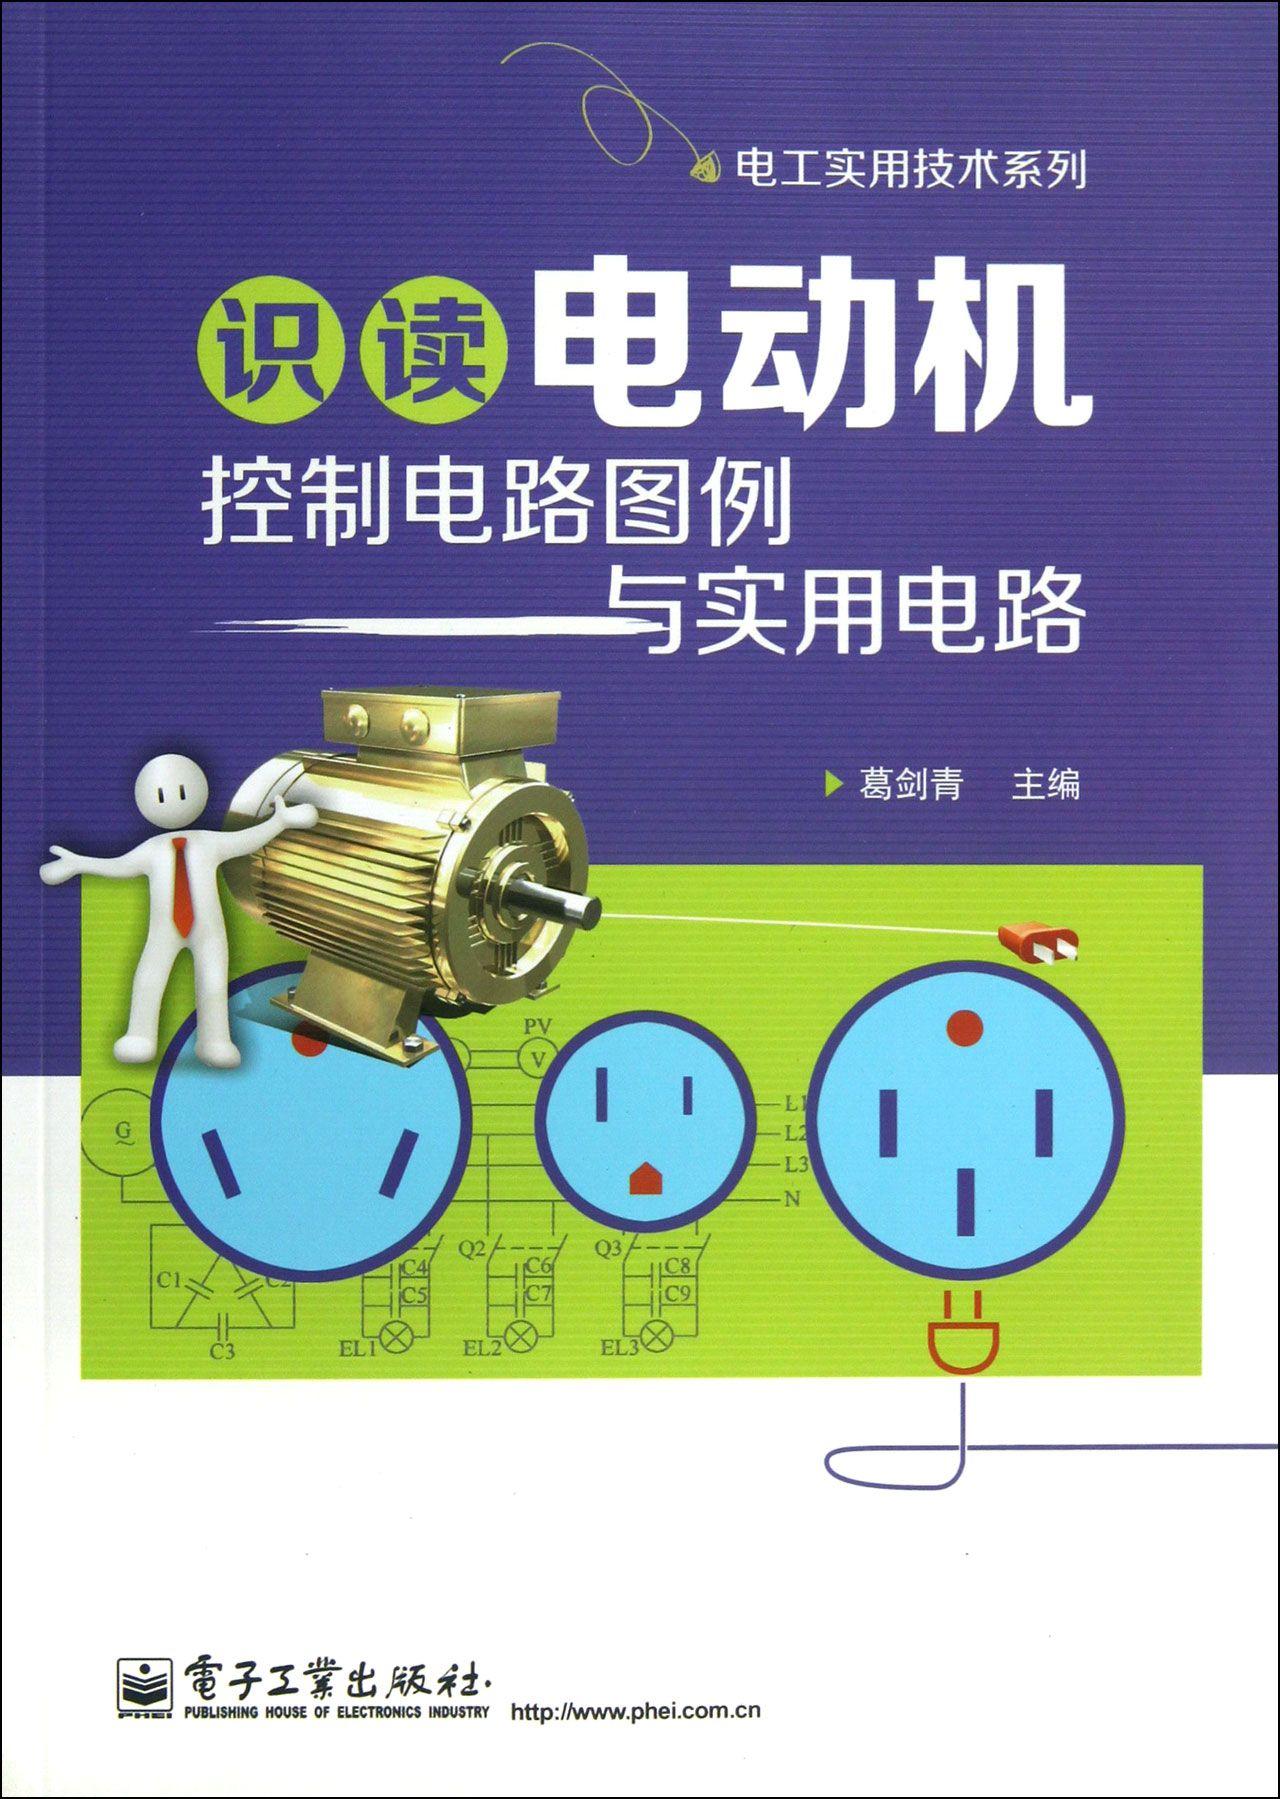 第1章 规范电气图的基本知识 1.1 电气图的分类与特点 1.1.1 电气图的分类 1.1.2 电气图的特点 1.2 规范电气图的表示方法 1.2.1 线路表示法 1.2.2 电气元件表示法 1.2.3 电气元件触点位置、工作状态和技术数据的表示法 1.2.4 元件接线端子表示法 1.2.5 连接线表示法 1.2.6 连接线的连续表示法和中断表示法 第2章 电动机基本电路 2.1 识读电动机基本电路图例的方法 2.1.1 电动机基本控制电路的组成 2.1.2 查线读图法 2.1.3 识读电动机单向间歇运行